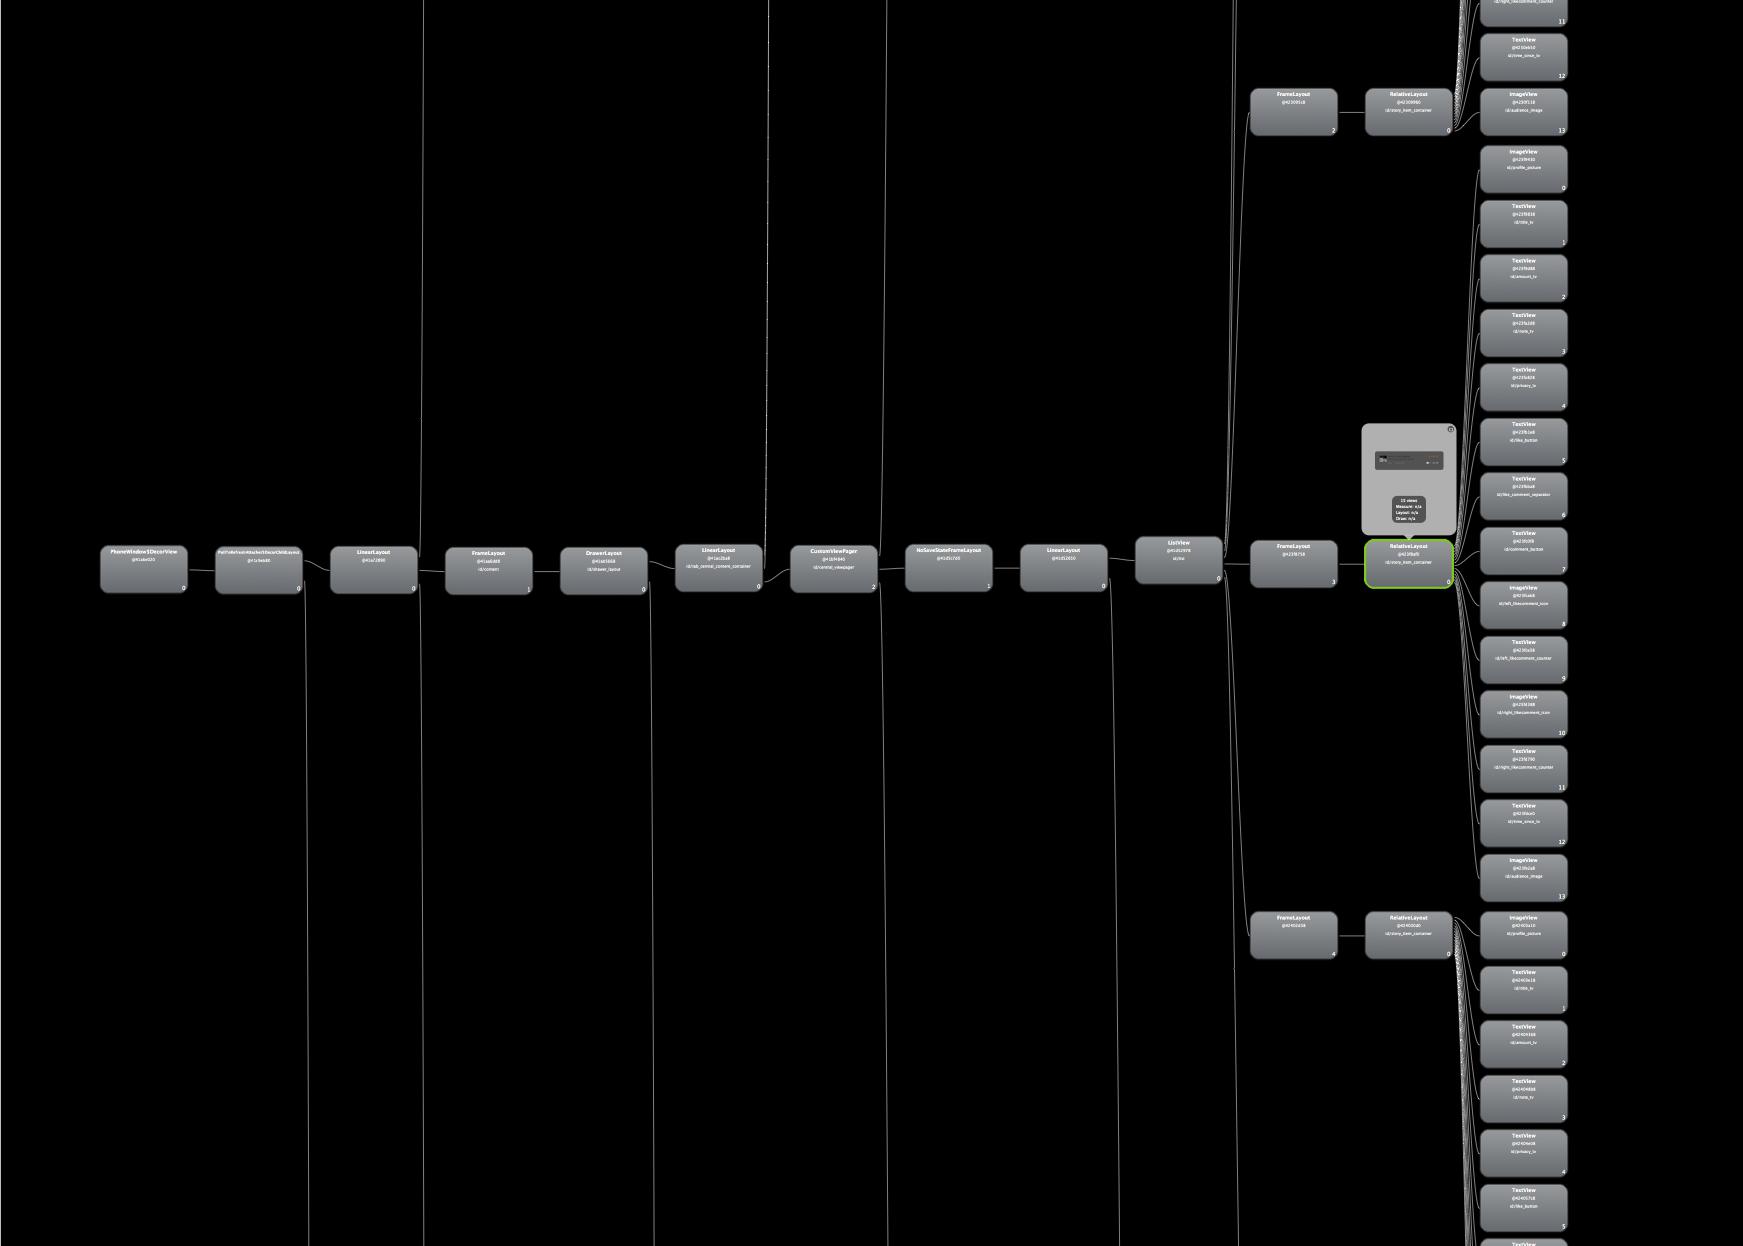 Screen Shot 2013-10-27 at 11.55.03 PM.png